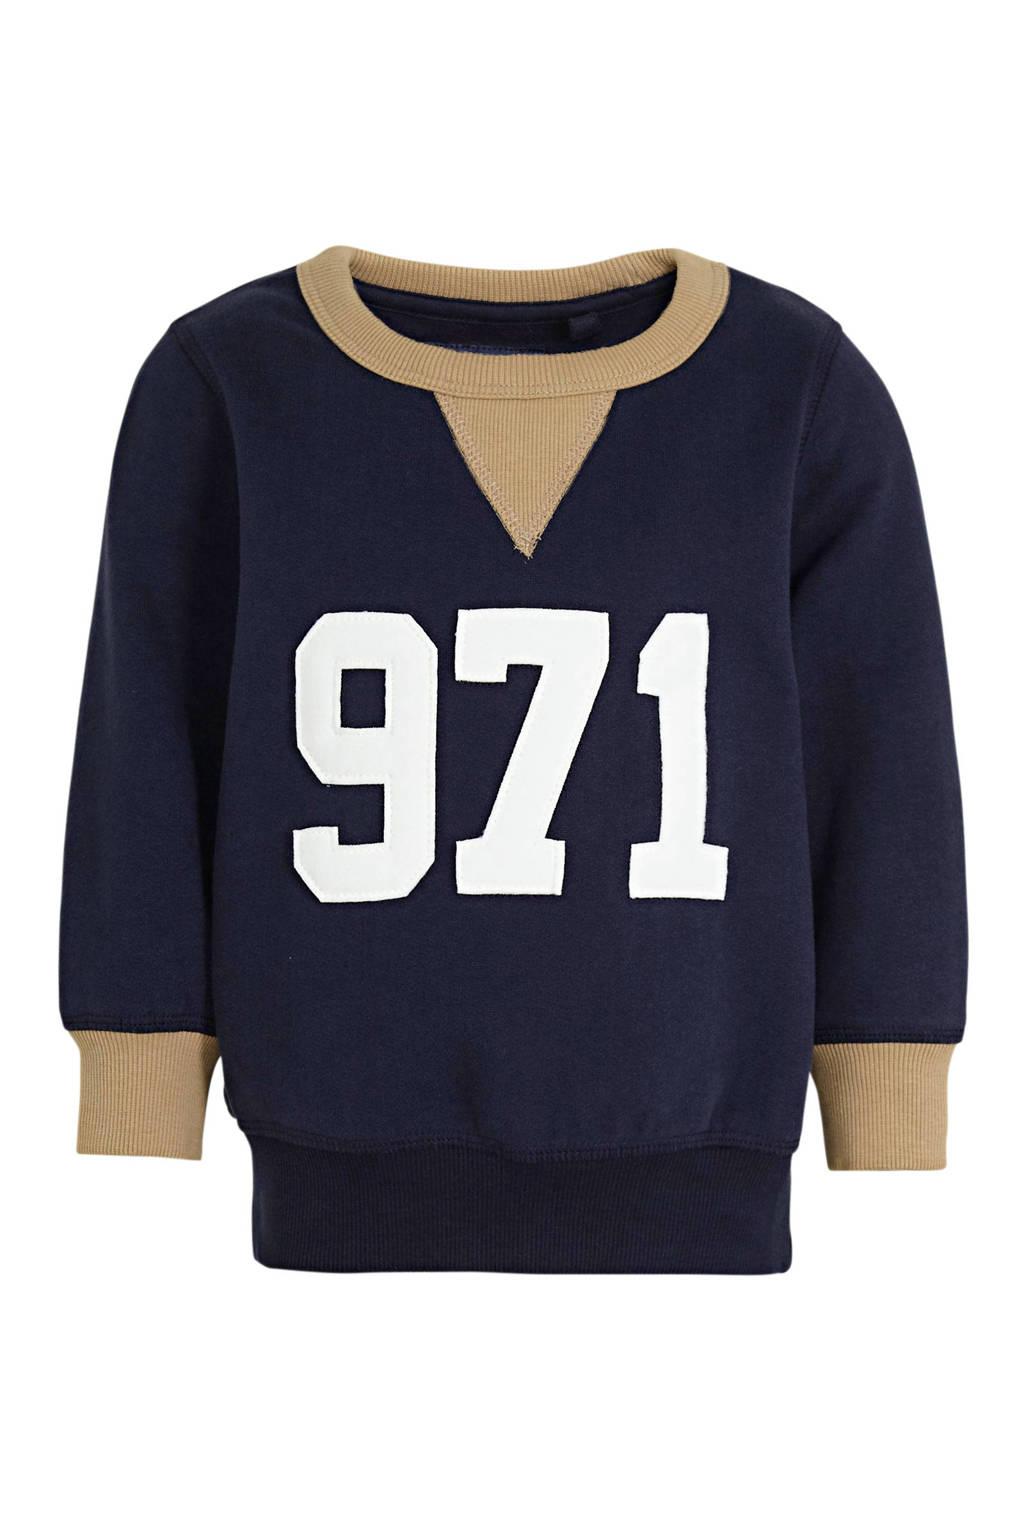 C&A Palomino sweater donkerblauw, Donkerblauw